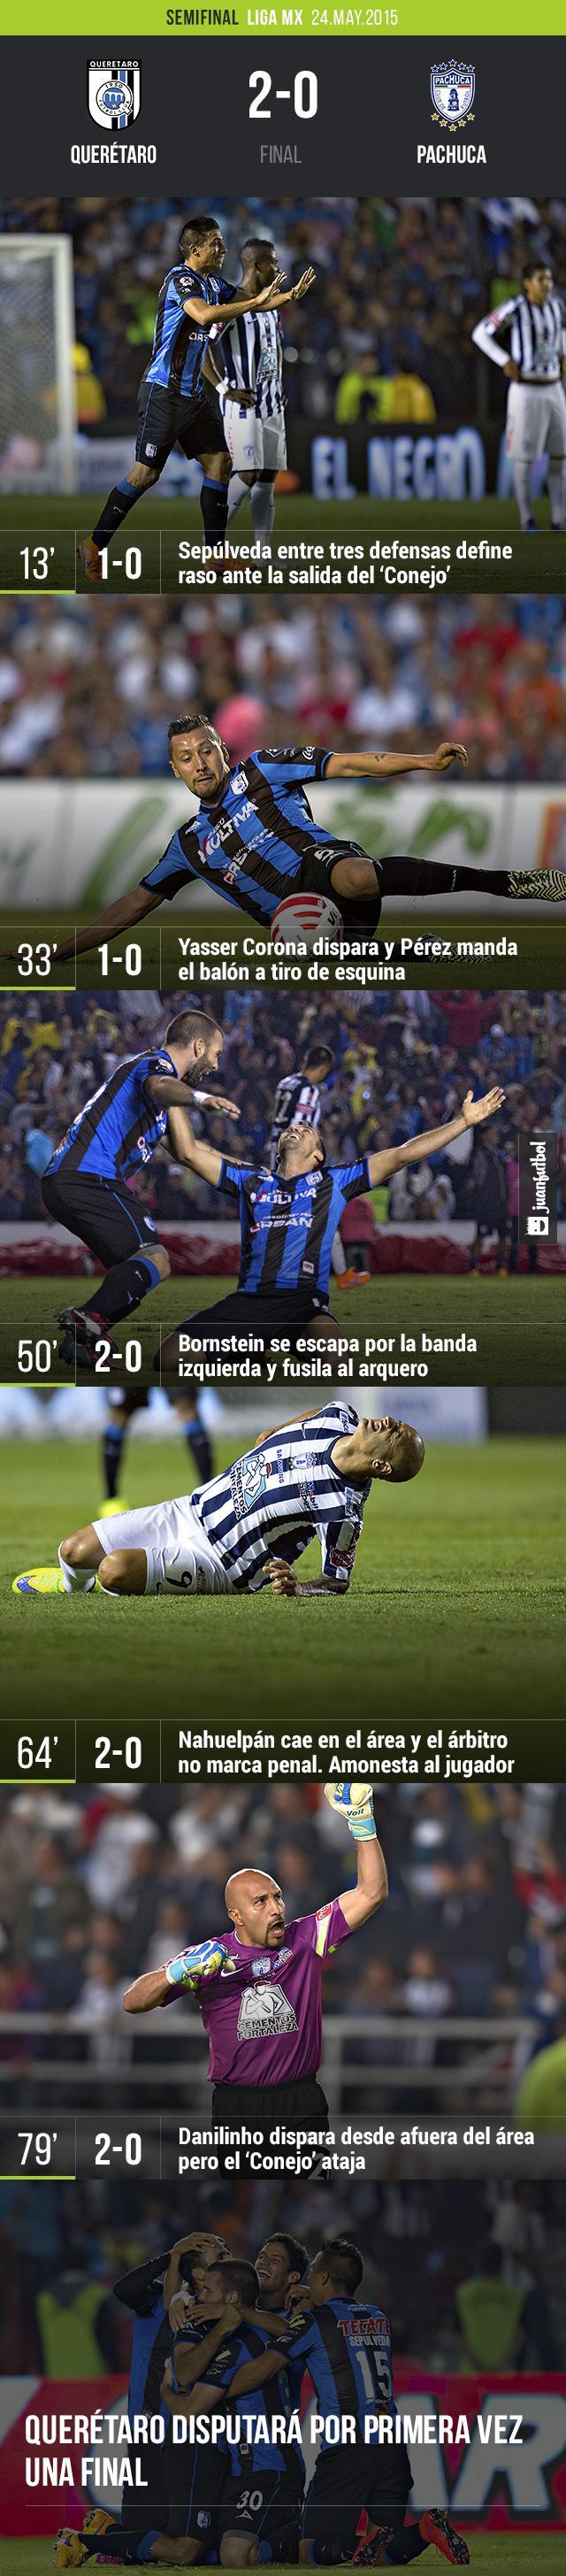 Querétaro vence 2-0 a Pachuca y califica por mejor posición en la tabla general tras empatar en el global